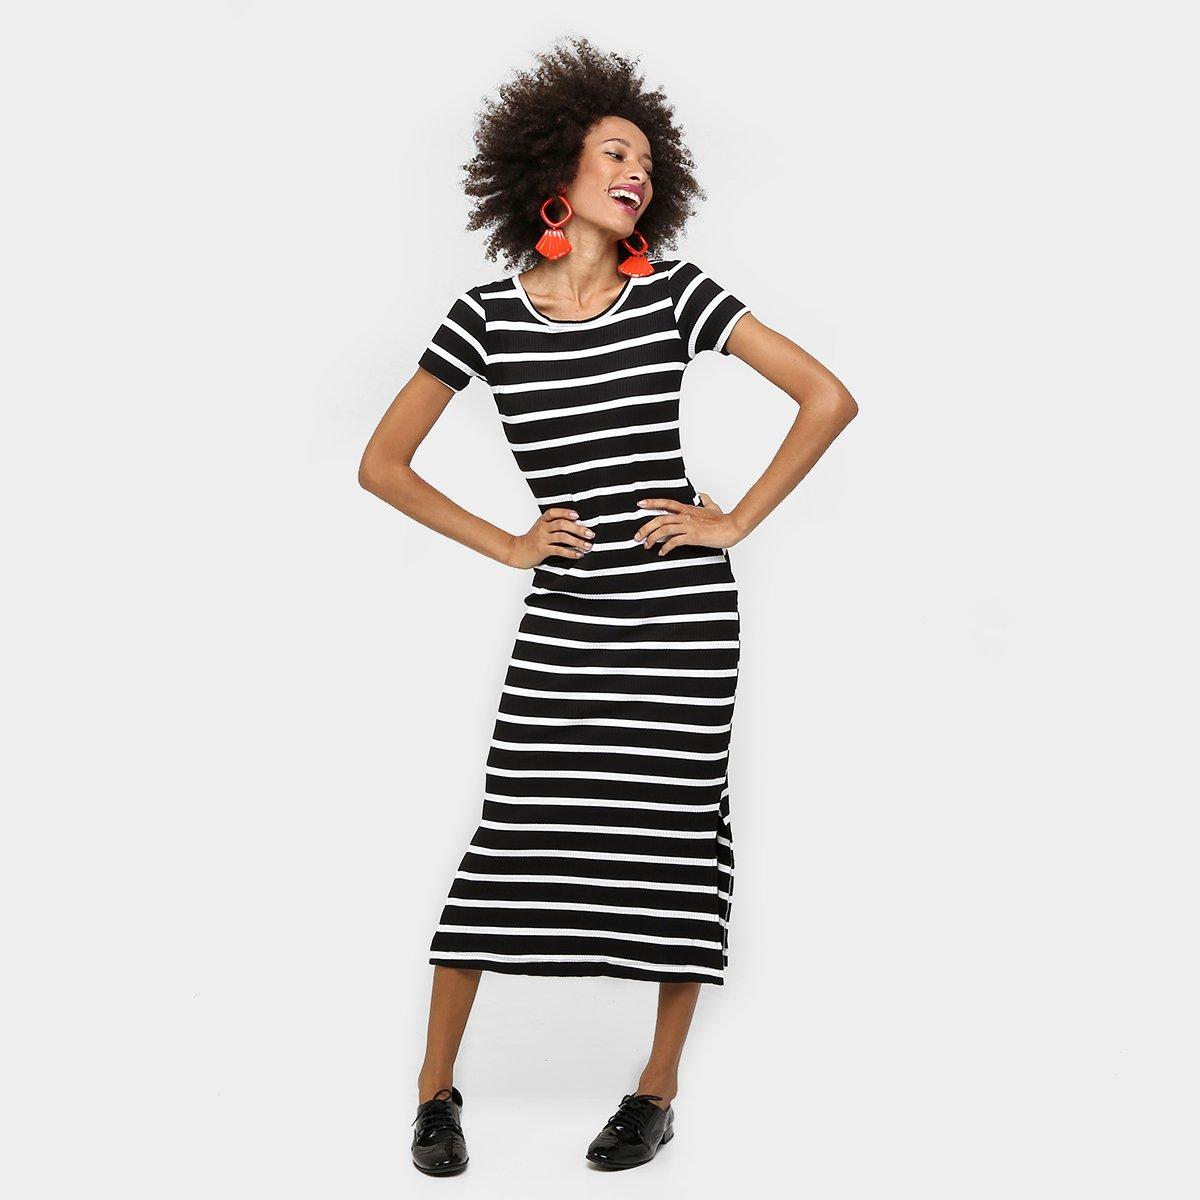 Vestido Disparate Midi Listrado Fenda Lateral - Compre Agora  3bff87441657e